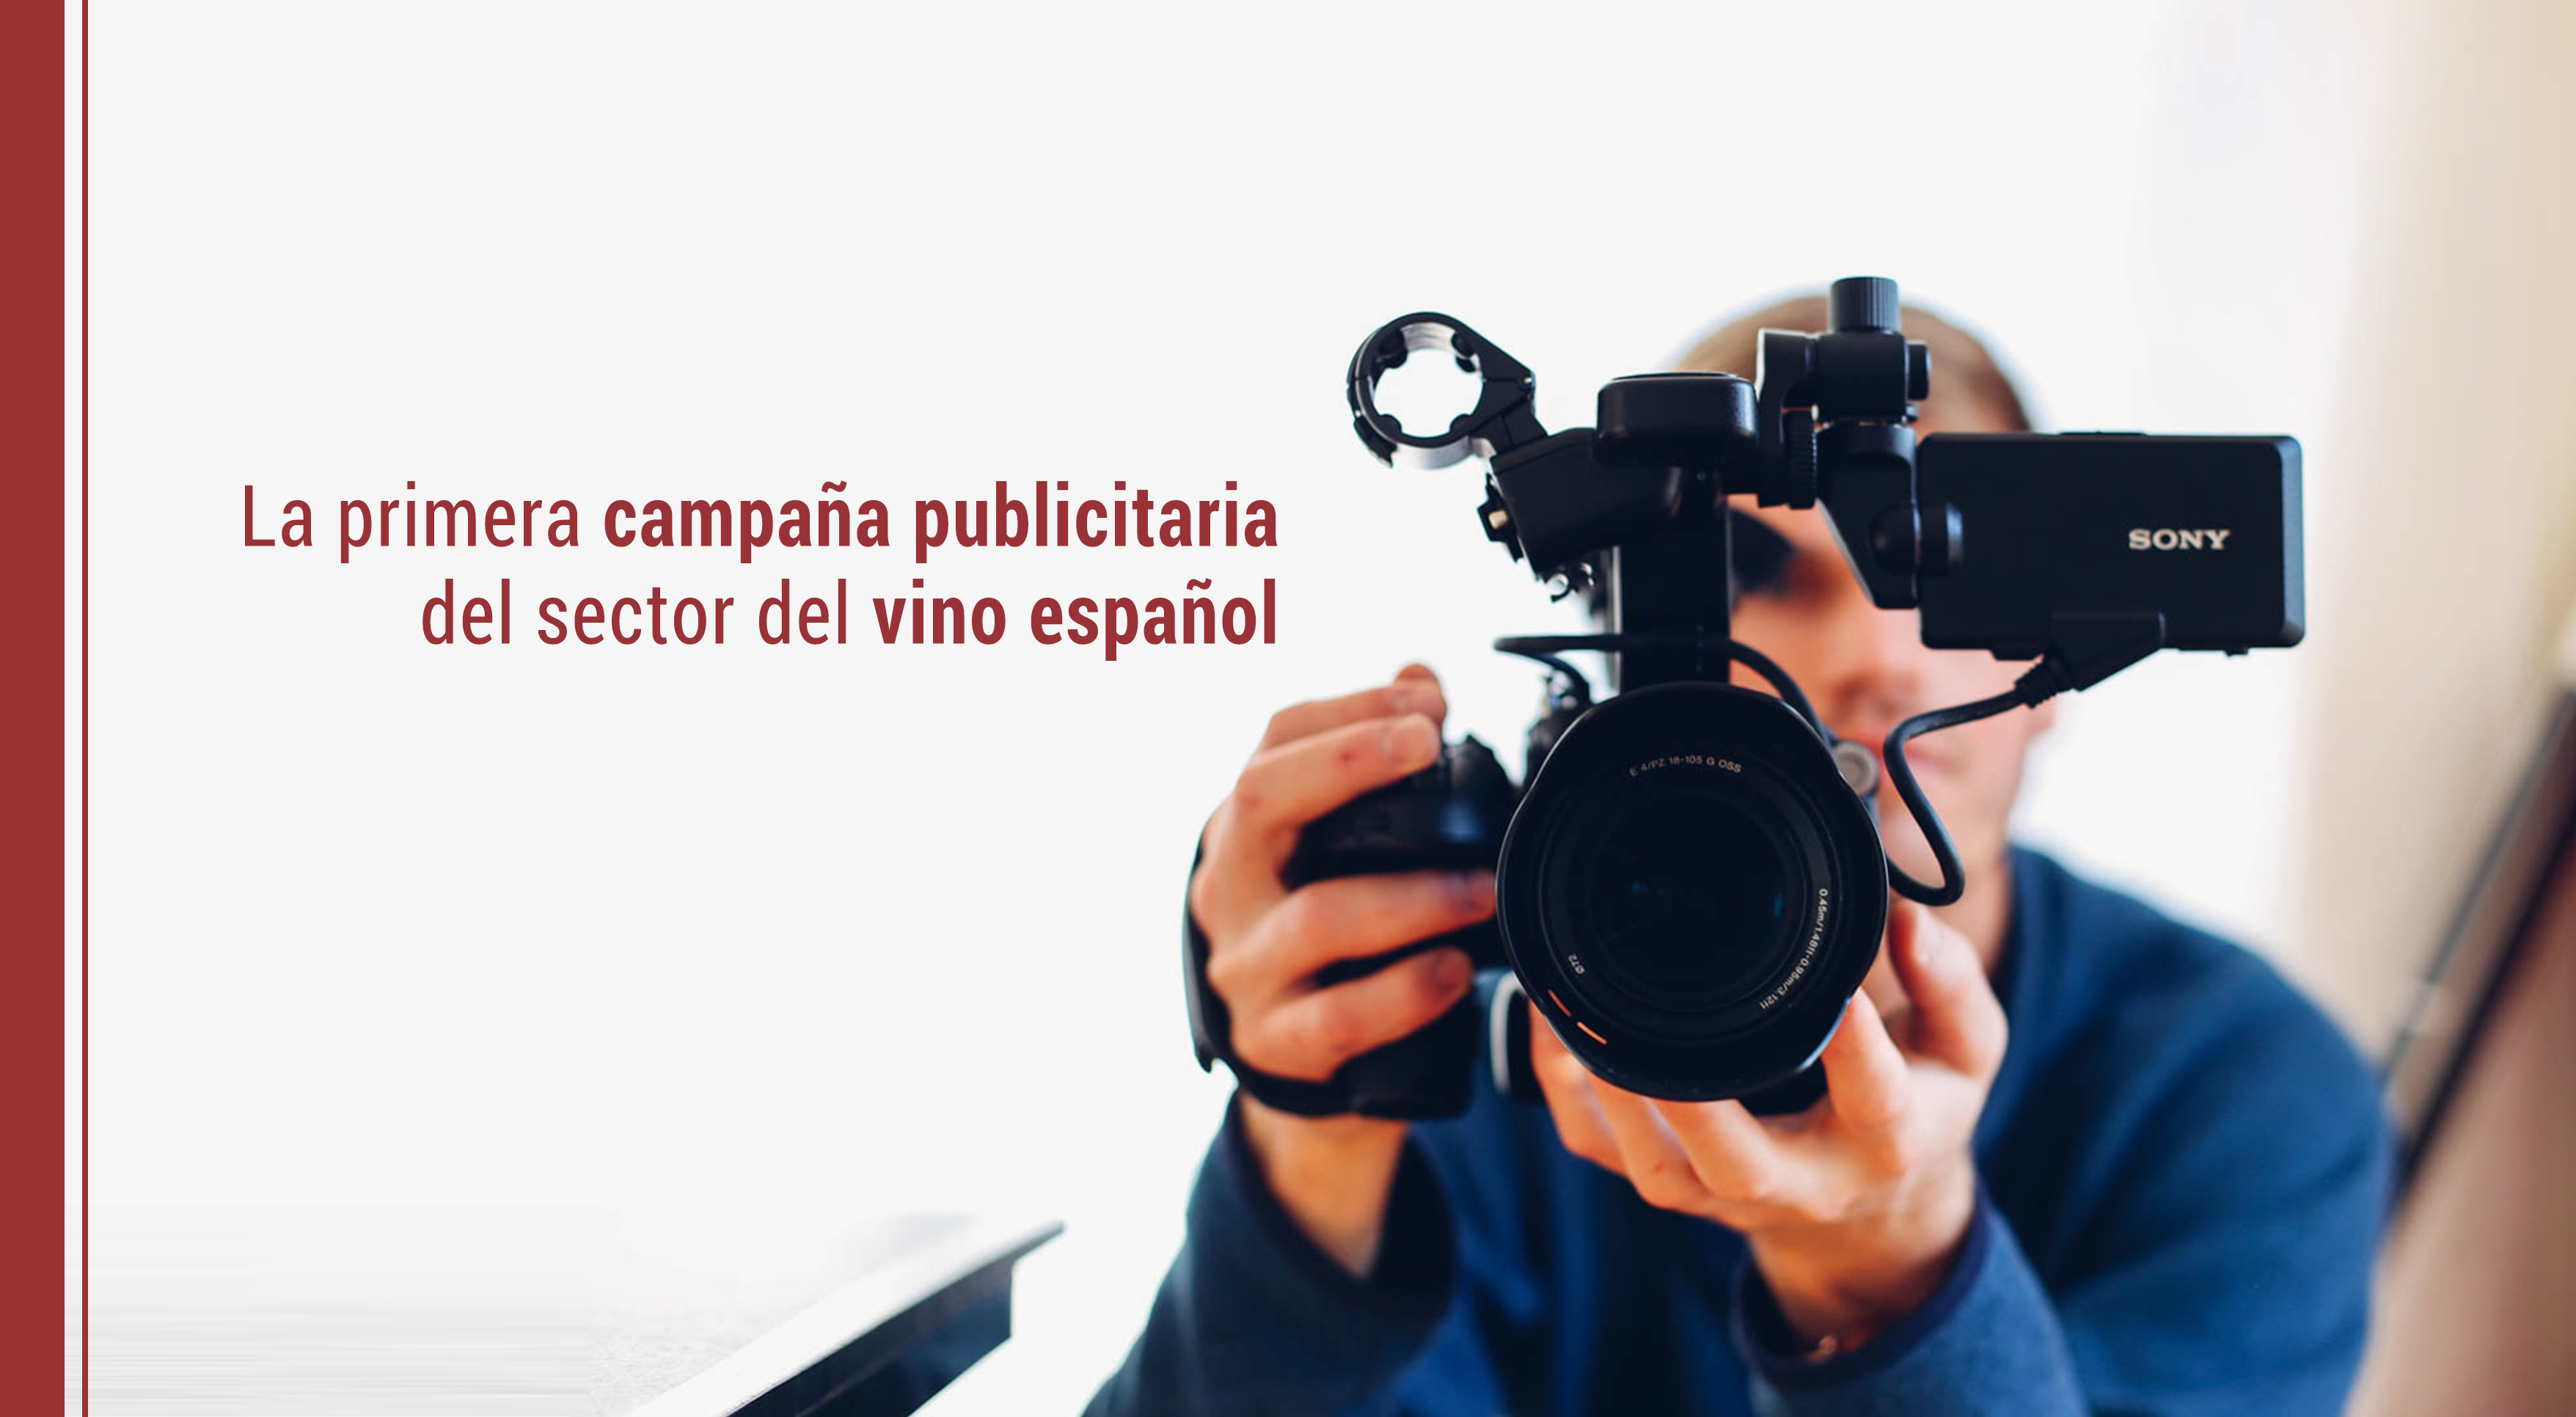 primera-campana-publicitaria-sector-vino-espanol La primera campaña publicitaria del sector del vino español